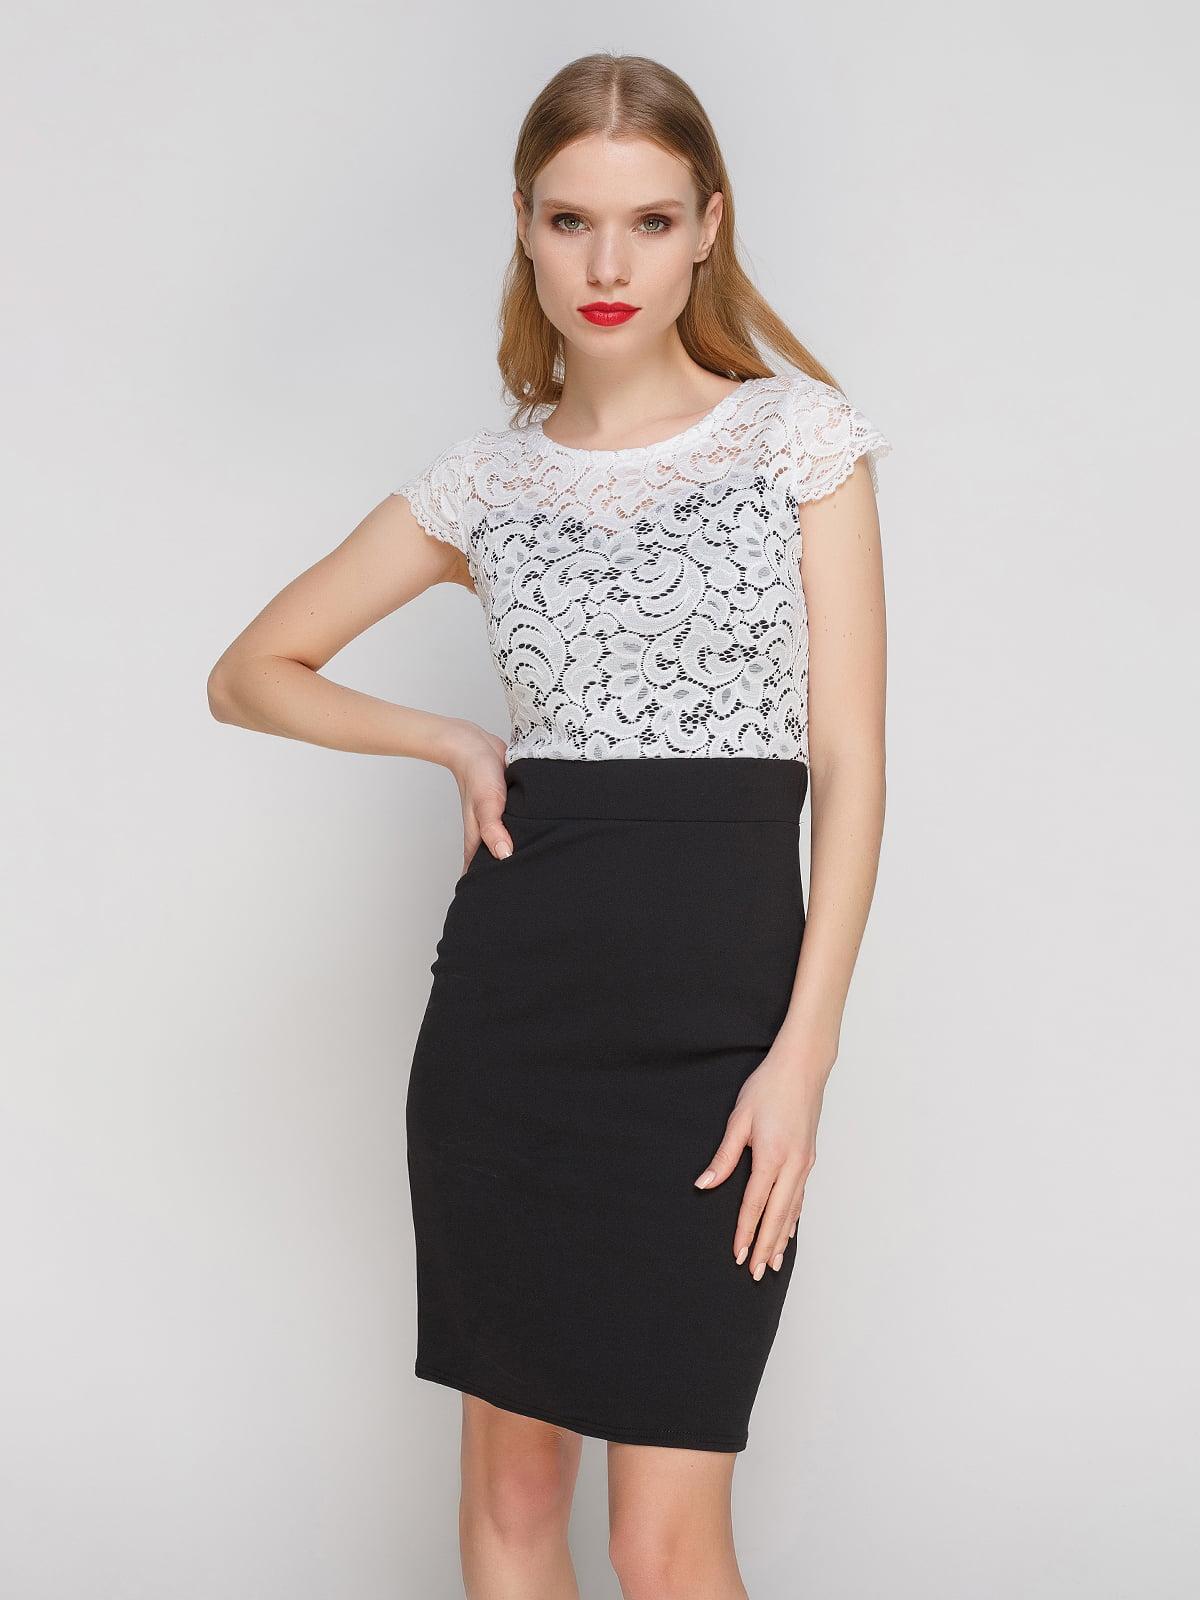 Сукня чорно-біла з гіпюром | 3361606